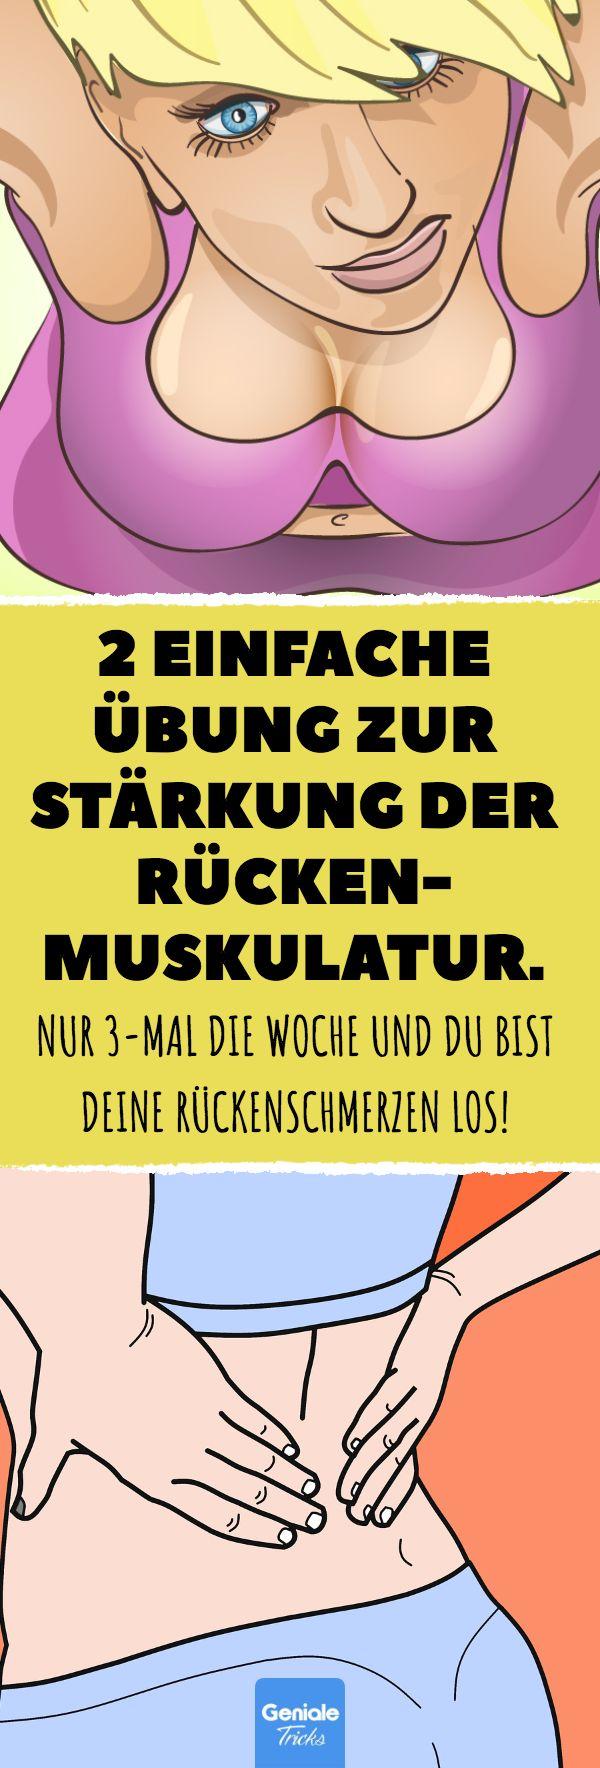 2 einfache Übung zur Stärkung der Rückenmuskulatur. #rücken #gesundheit #schmerzen #wirbelsäule #bandscheiben #yoga – Geniale Tricks